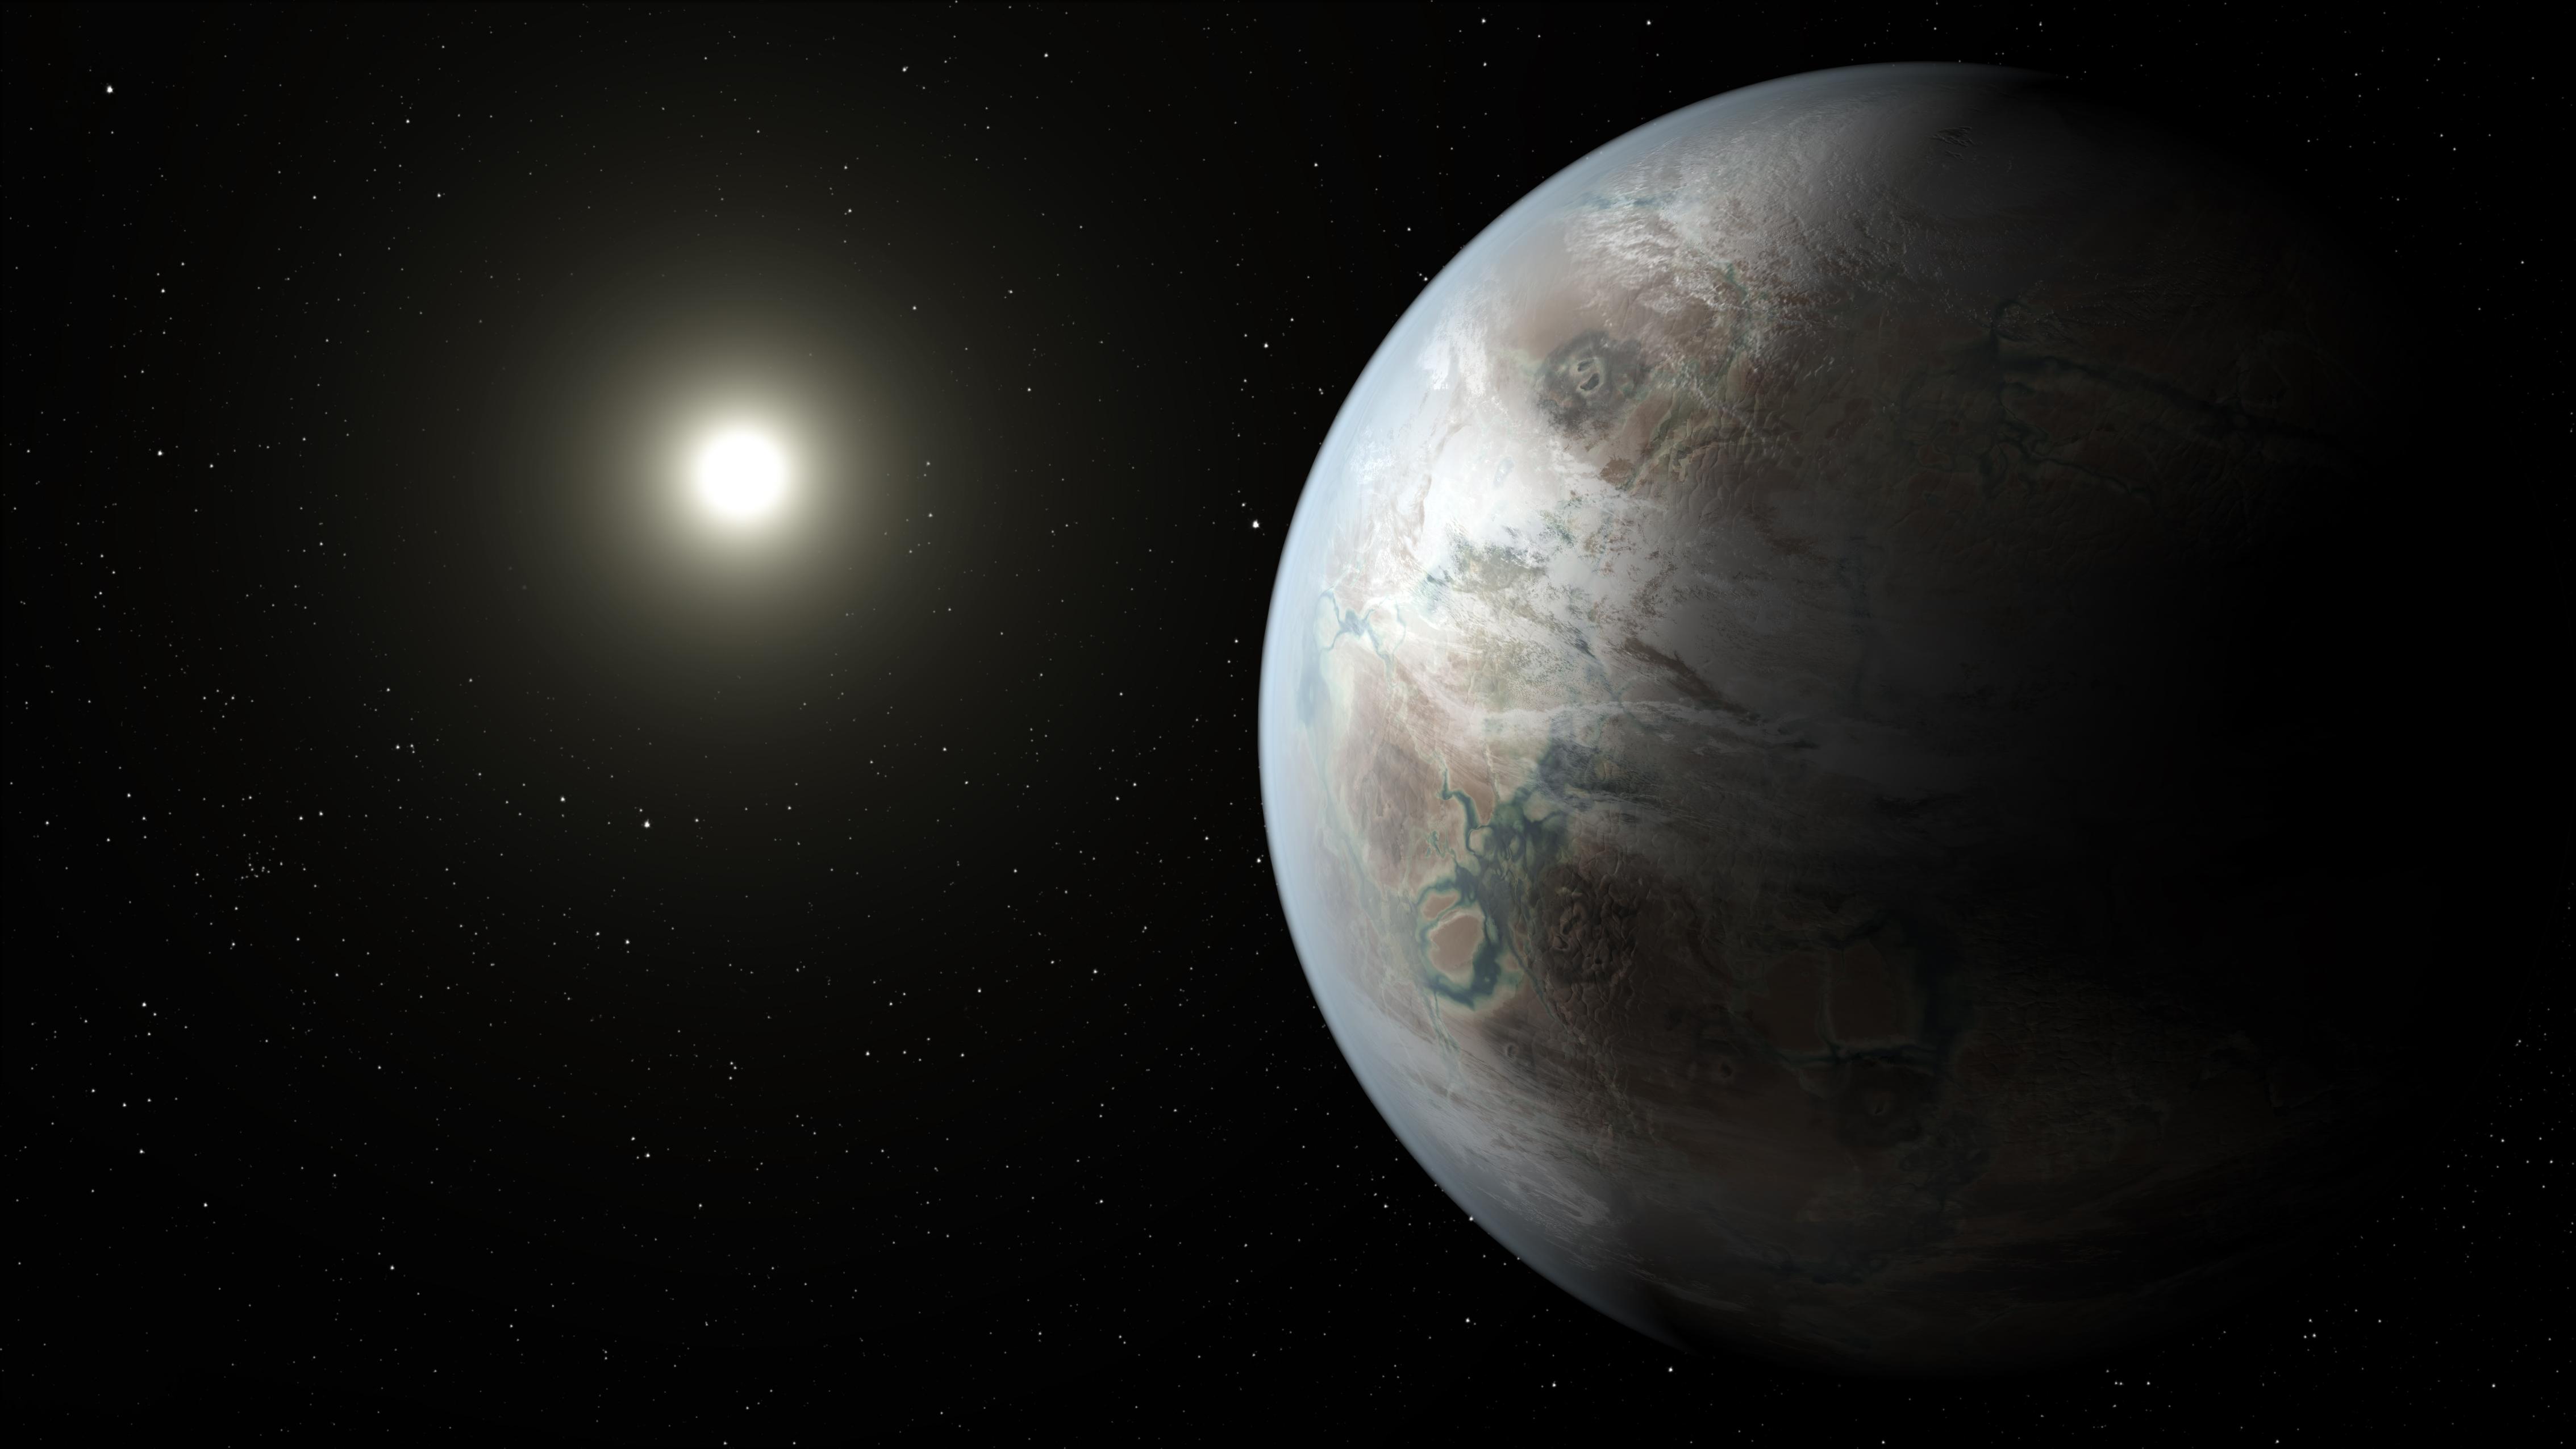 Αποτέλεσμα εικόνας για Kepler-452b